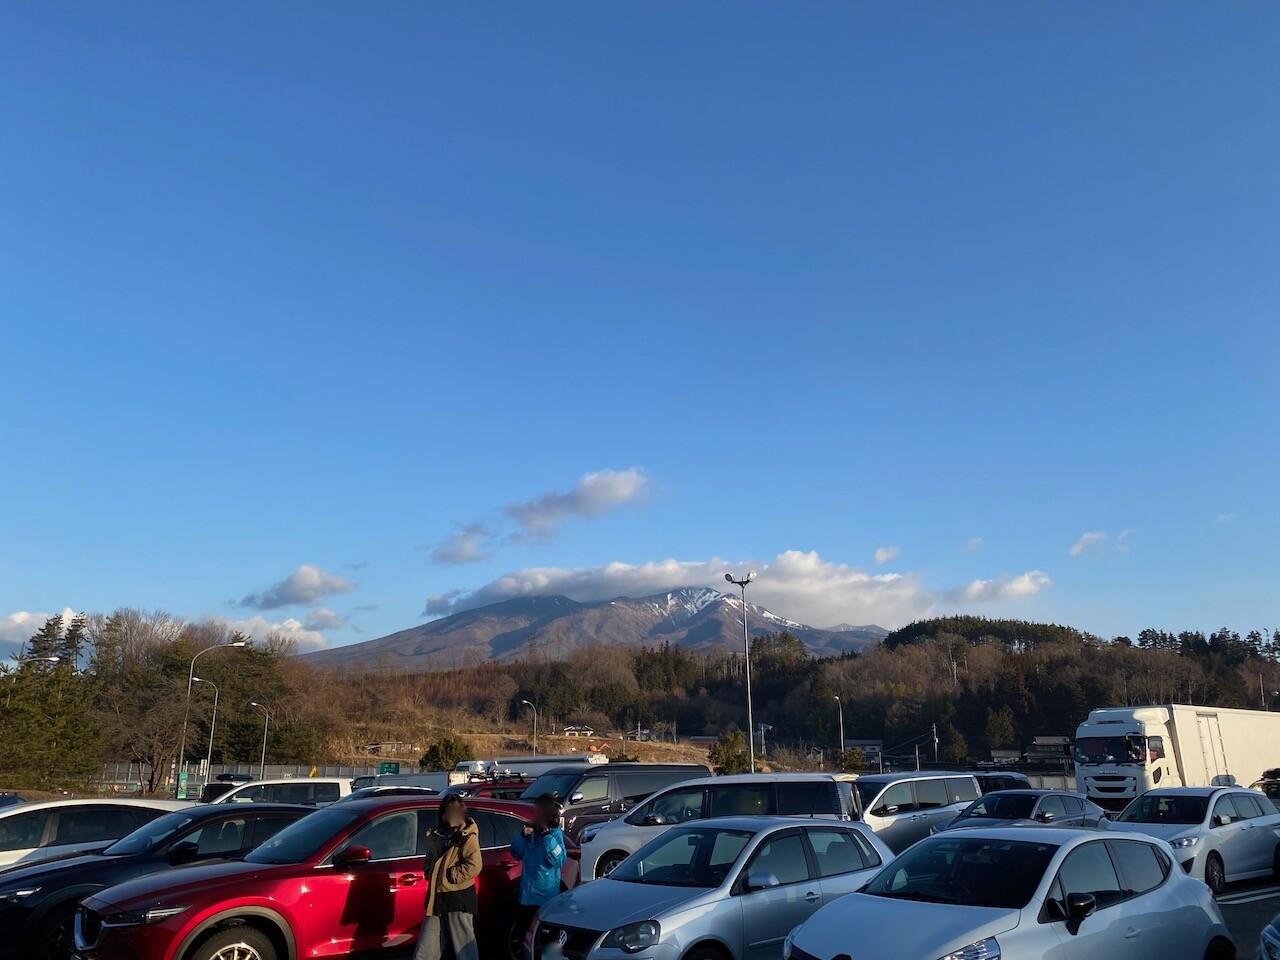 パノラマ 天気 富士見